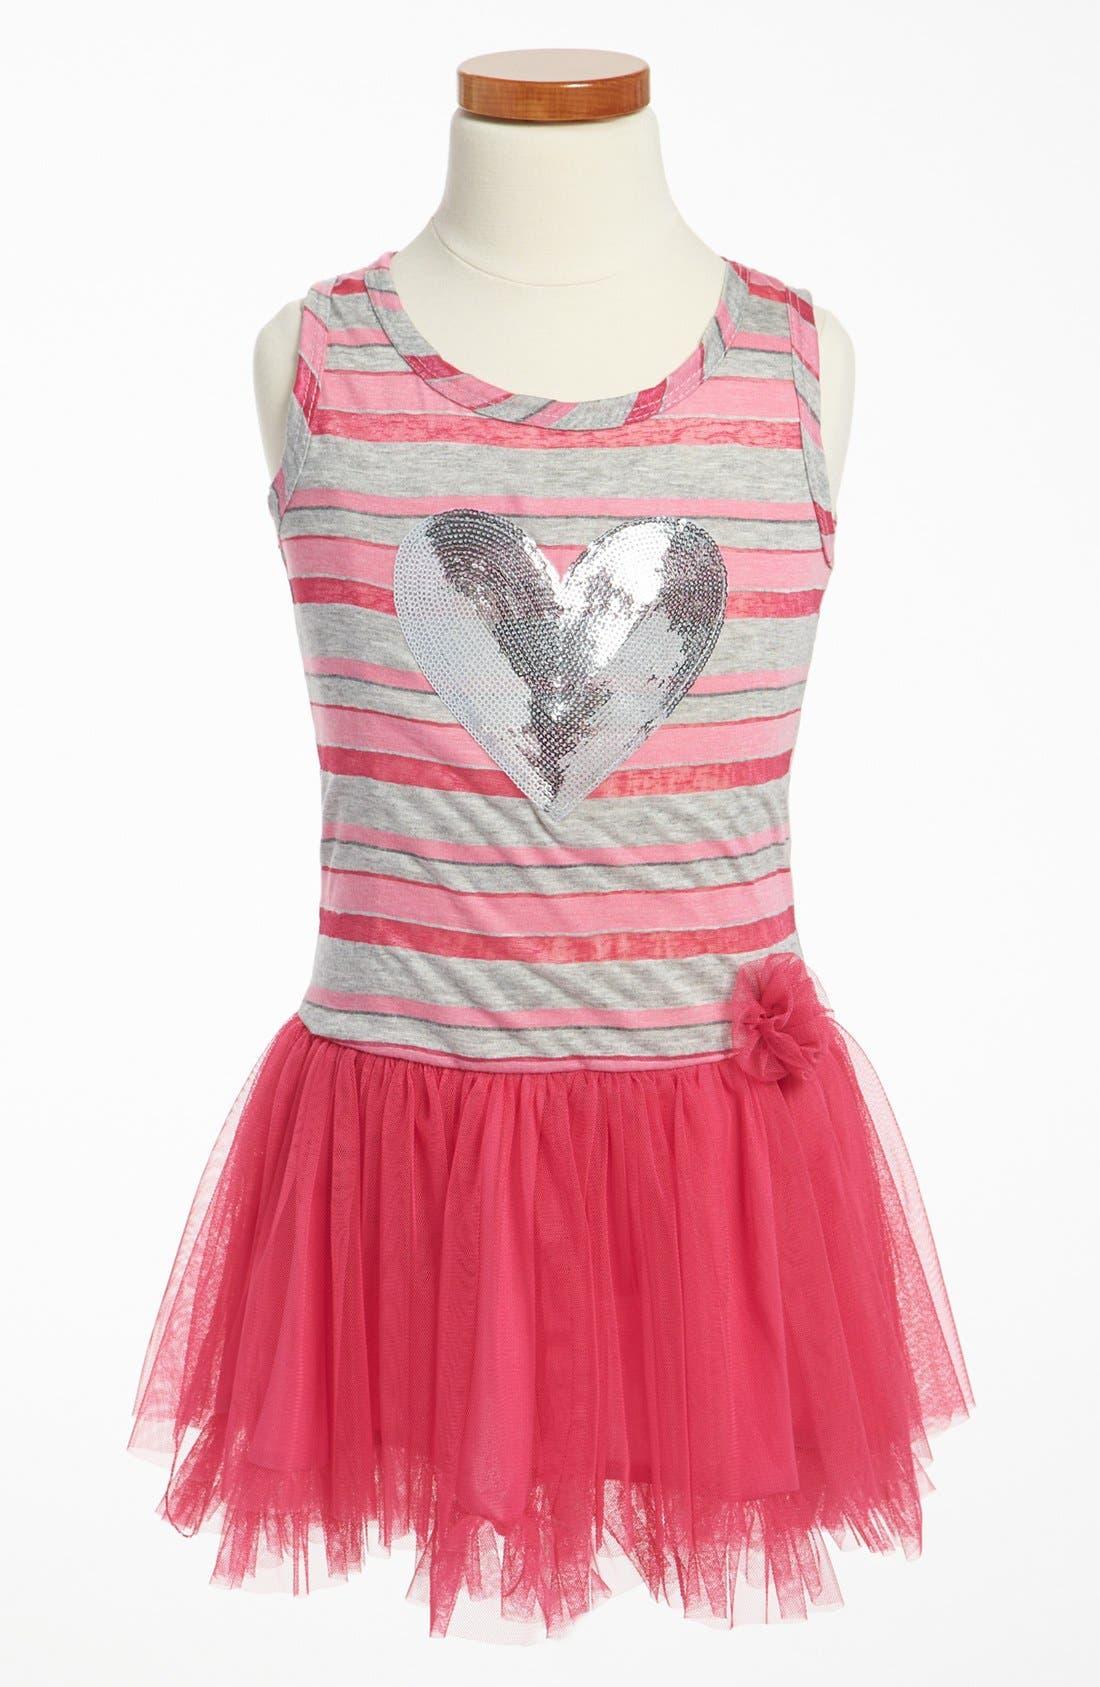 Alternate Image 1 Selected - Jenna & Jessie Striped Skater Dress (Little Girls)